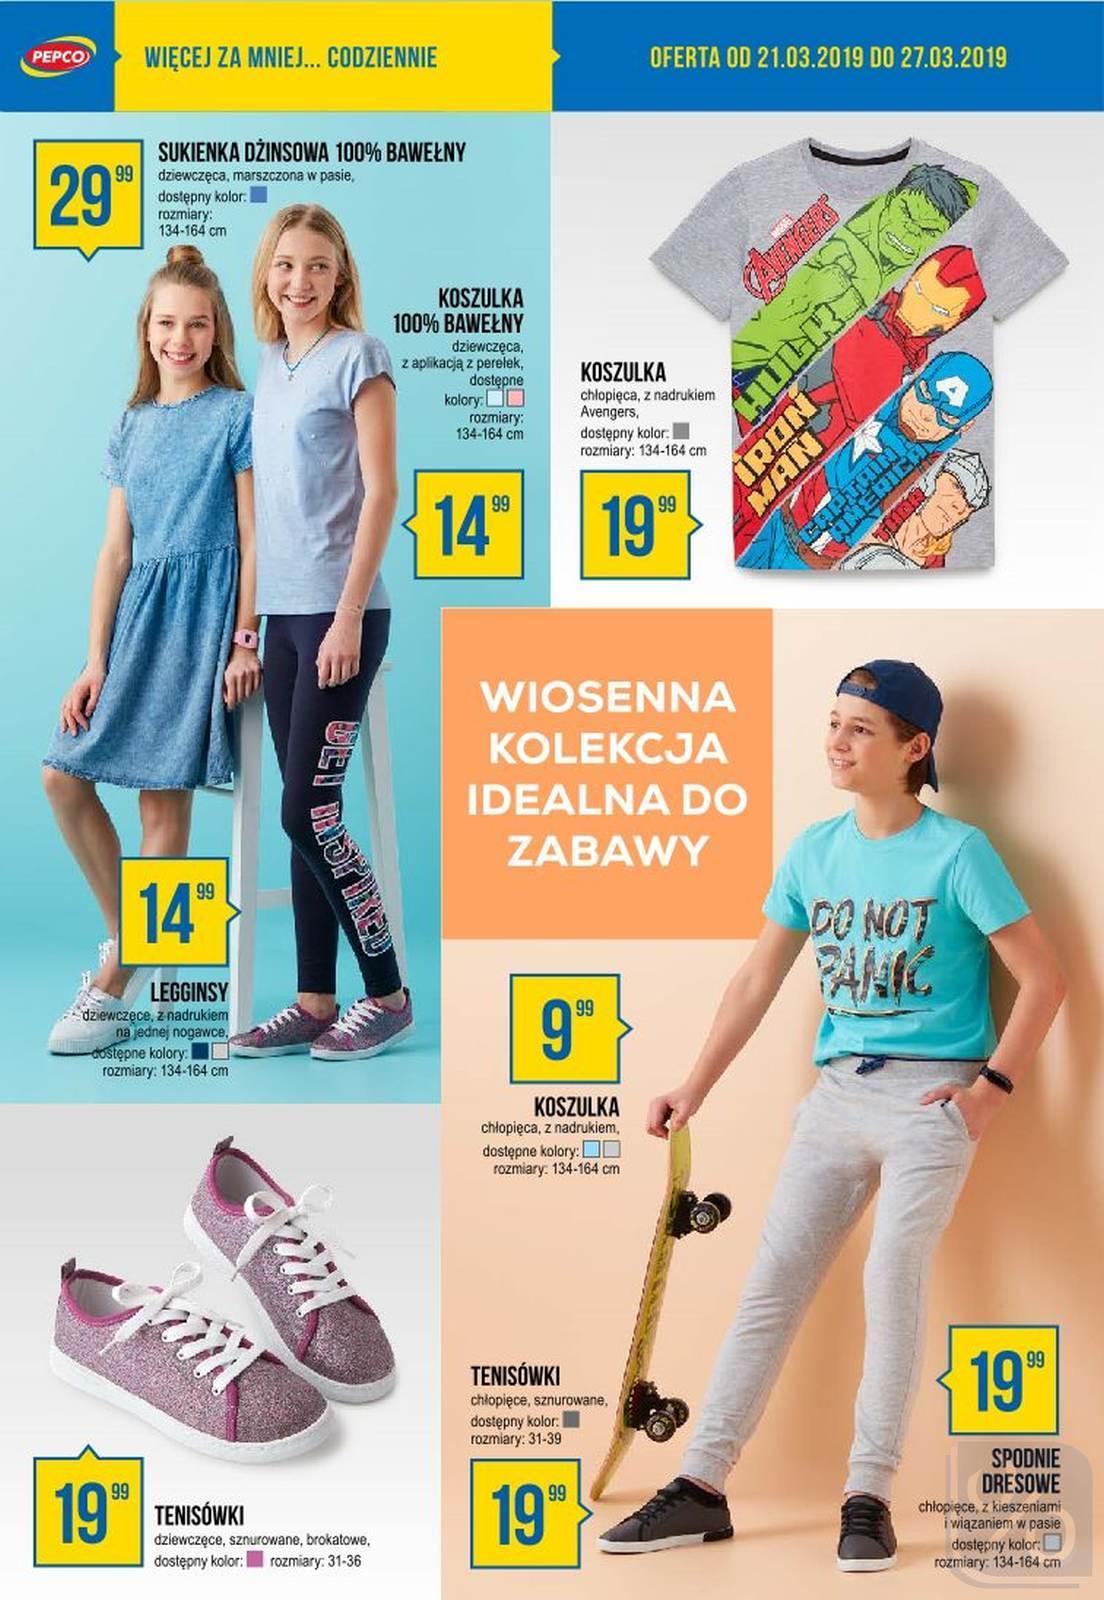 Gazetka promocyjna Pepco do 27/03/2019 str.5